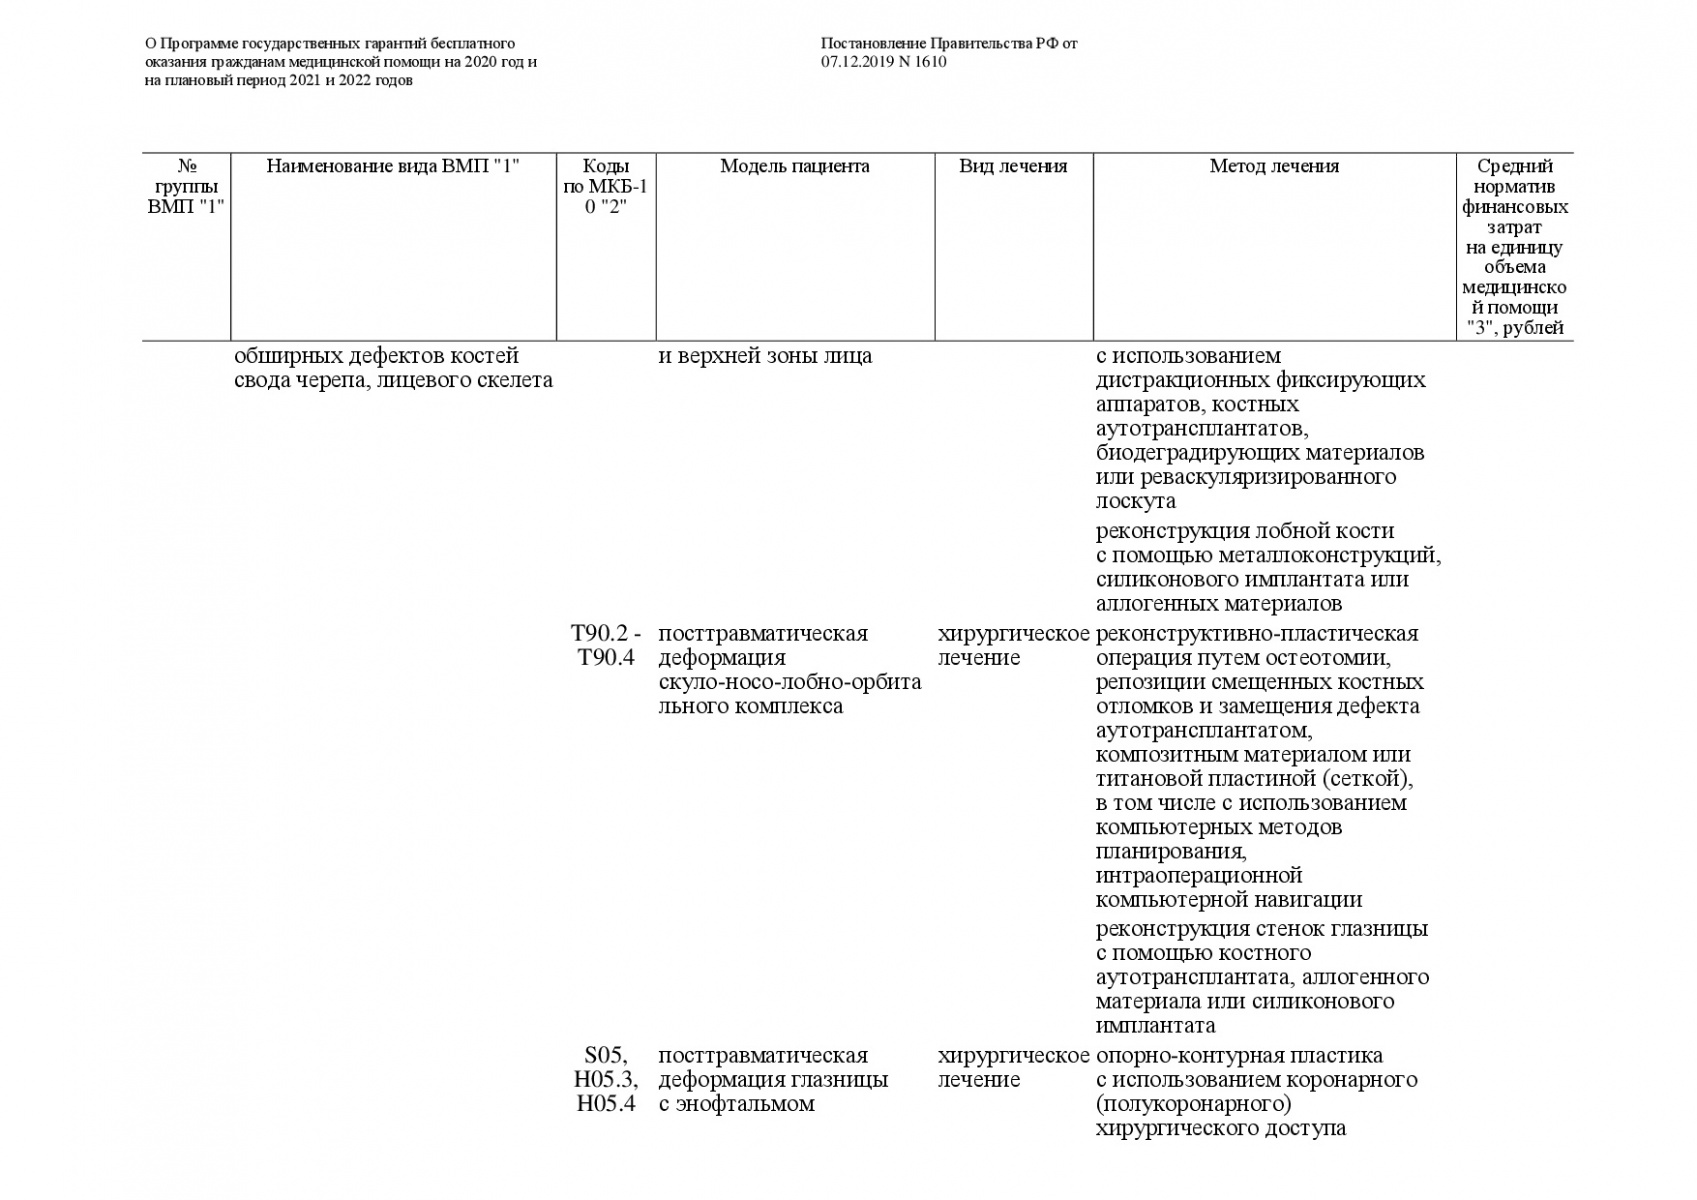 Postanovlenie-Pravitelstva-RF-ot-07_12_2019-1610-O-PGG-297